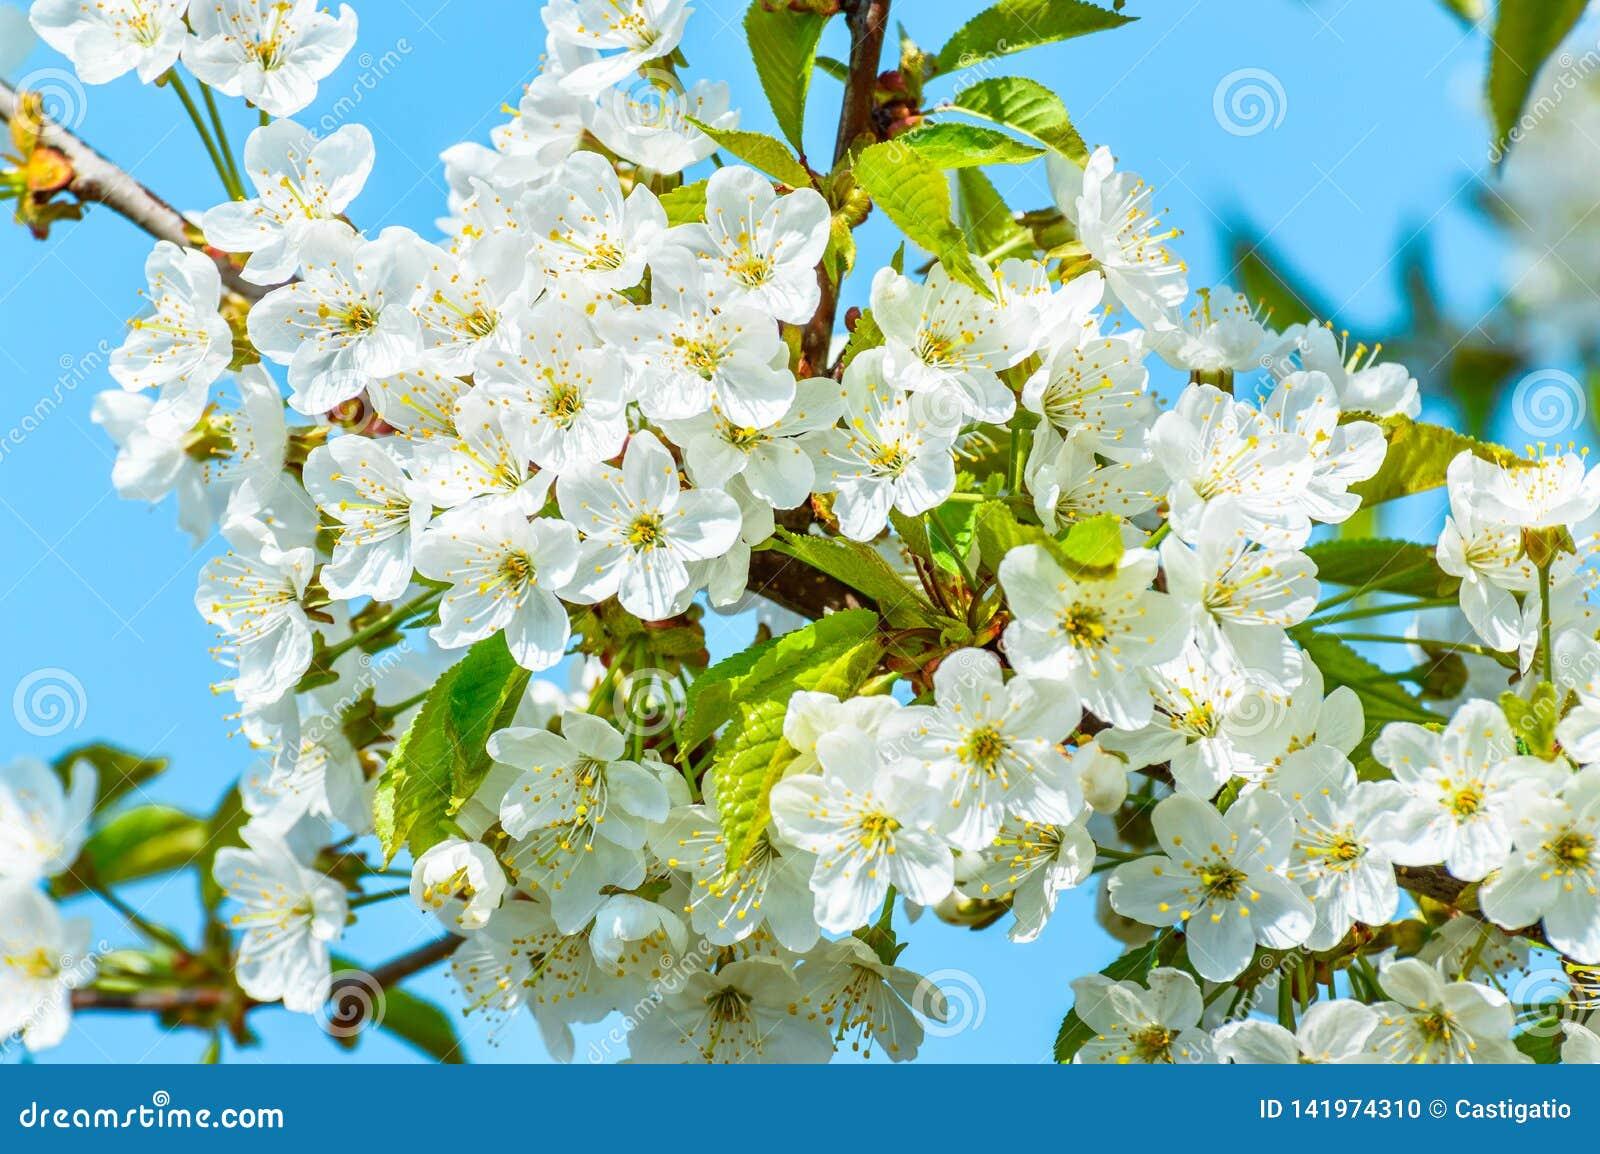 Blomma det körsbärsröda trädet, mycket små vita blommor mot den blåa himlen